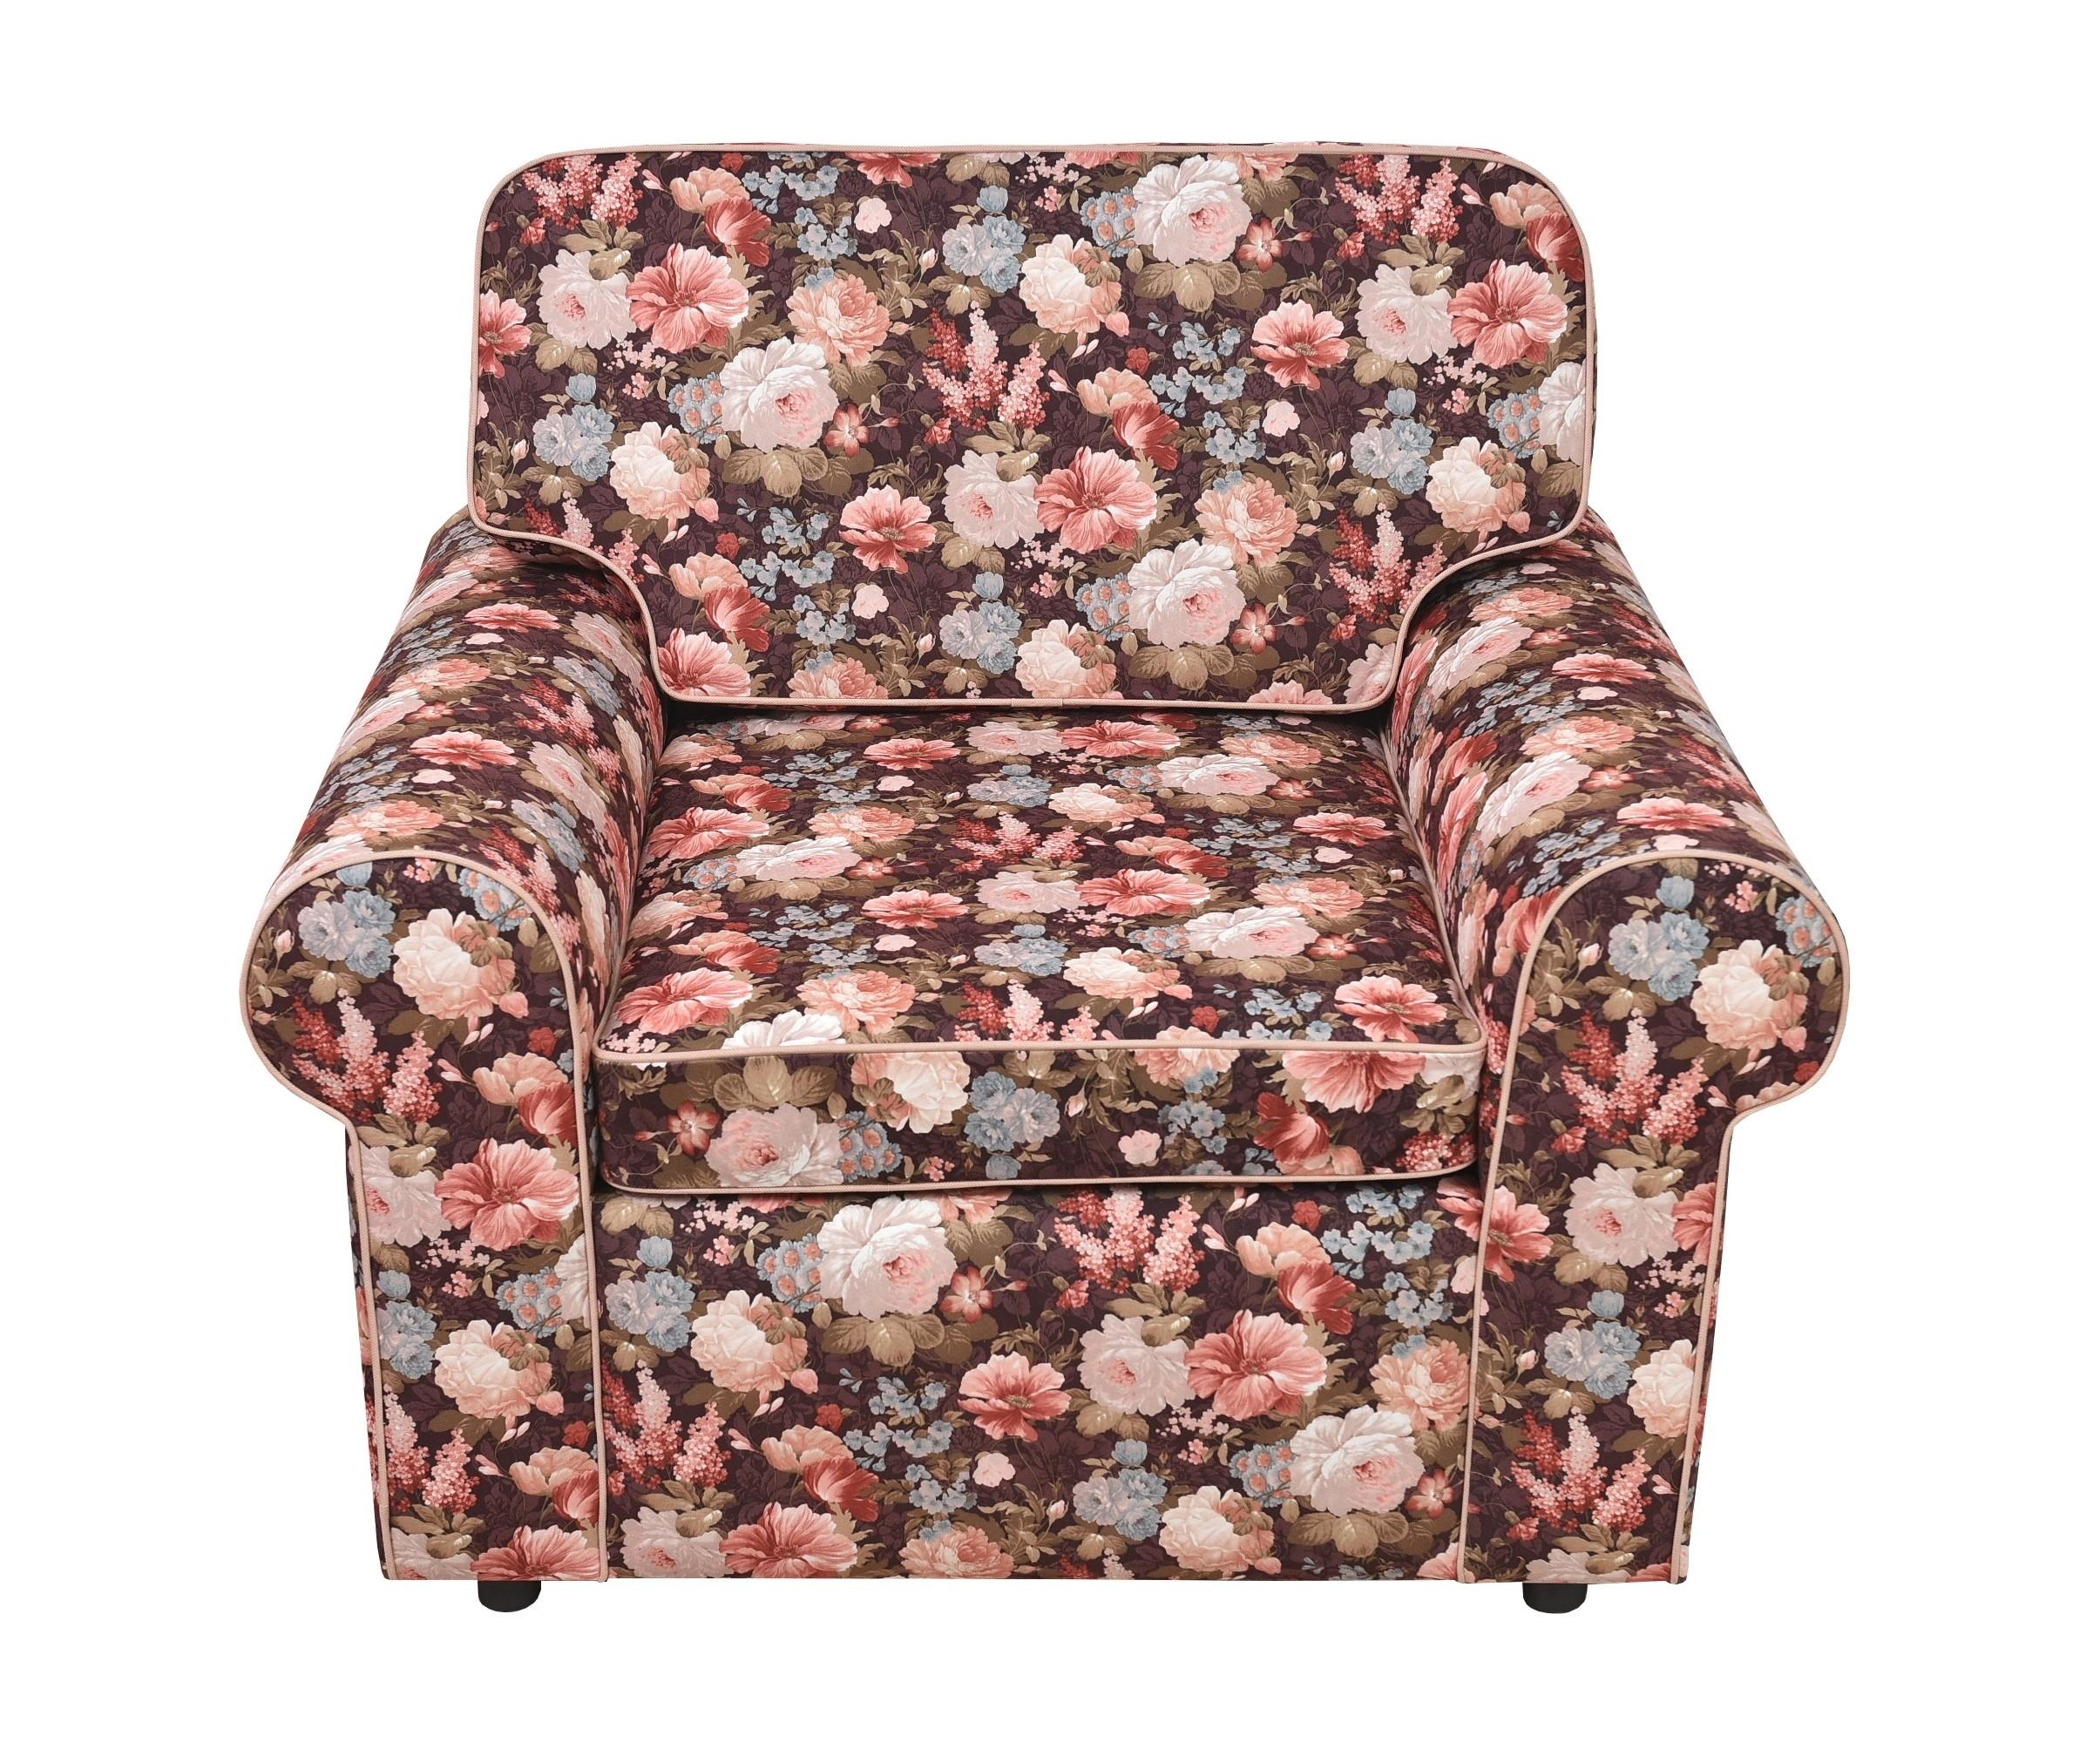 КреслоИнтерьерные кресла<br>Цветы добавляют интерьеру гармонии и уюта, поднимают настроение и, наконец, это просто красиво.  С этим креслом ваша квартира &amp;quot;оживет&amp;quot;, наполнится энергией и станет уютнее. Простой элегантный дизайн подойдет как кантри, так и английскому стилю.<br><br>Material: Текстиль<br>Length см: None<br>Width см: 110<br>Depth см: 90<br>Height см: 90